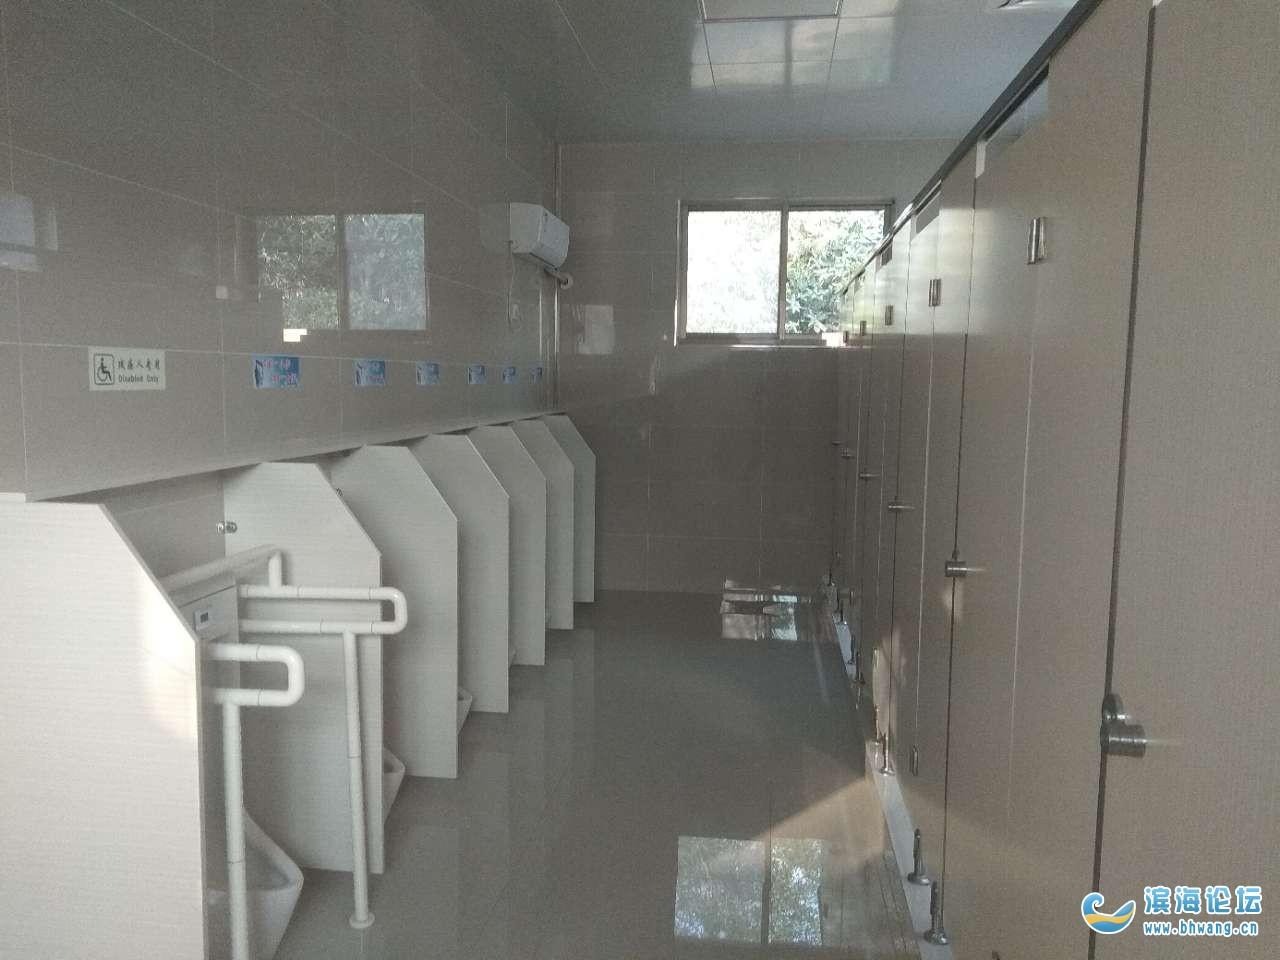 大滨海第一旗舰公共厕所体育场西南角,附近的网友可以去体验体验